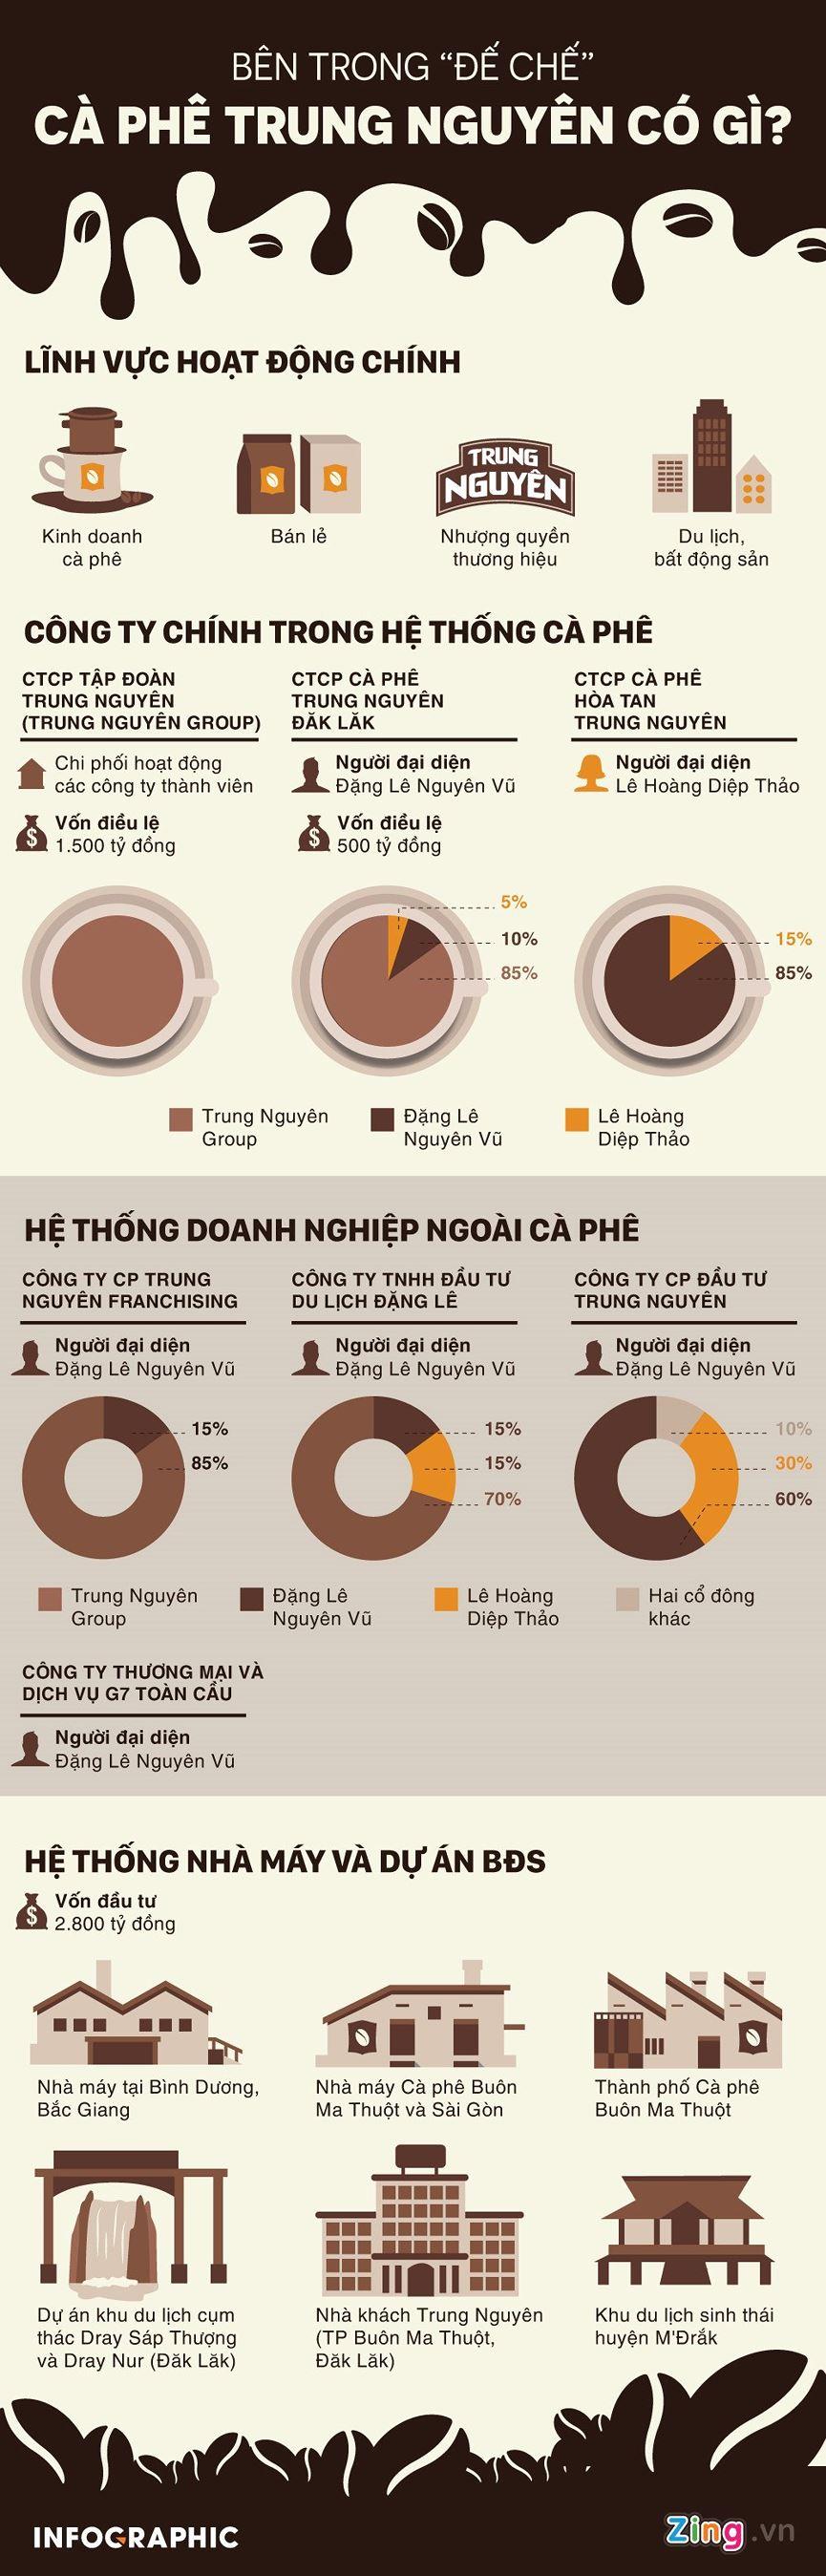 [Infographics] Bên trong 'đế chế' Trung Nguyên có gì? - ảnh 1